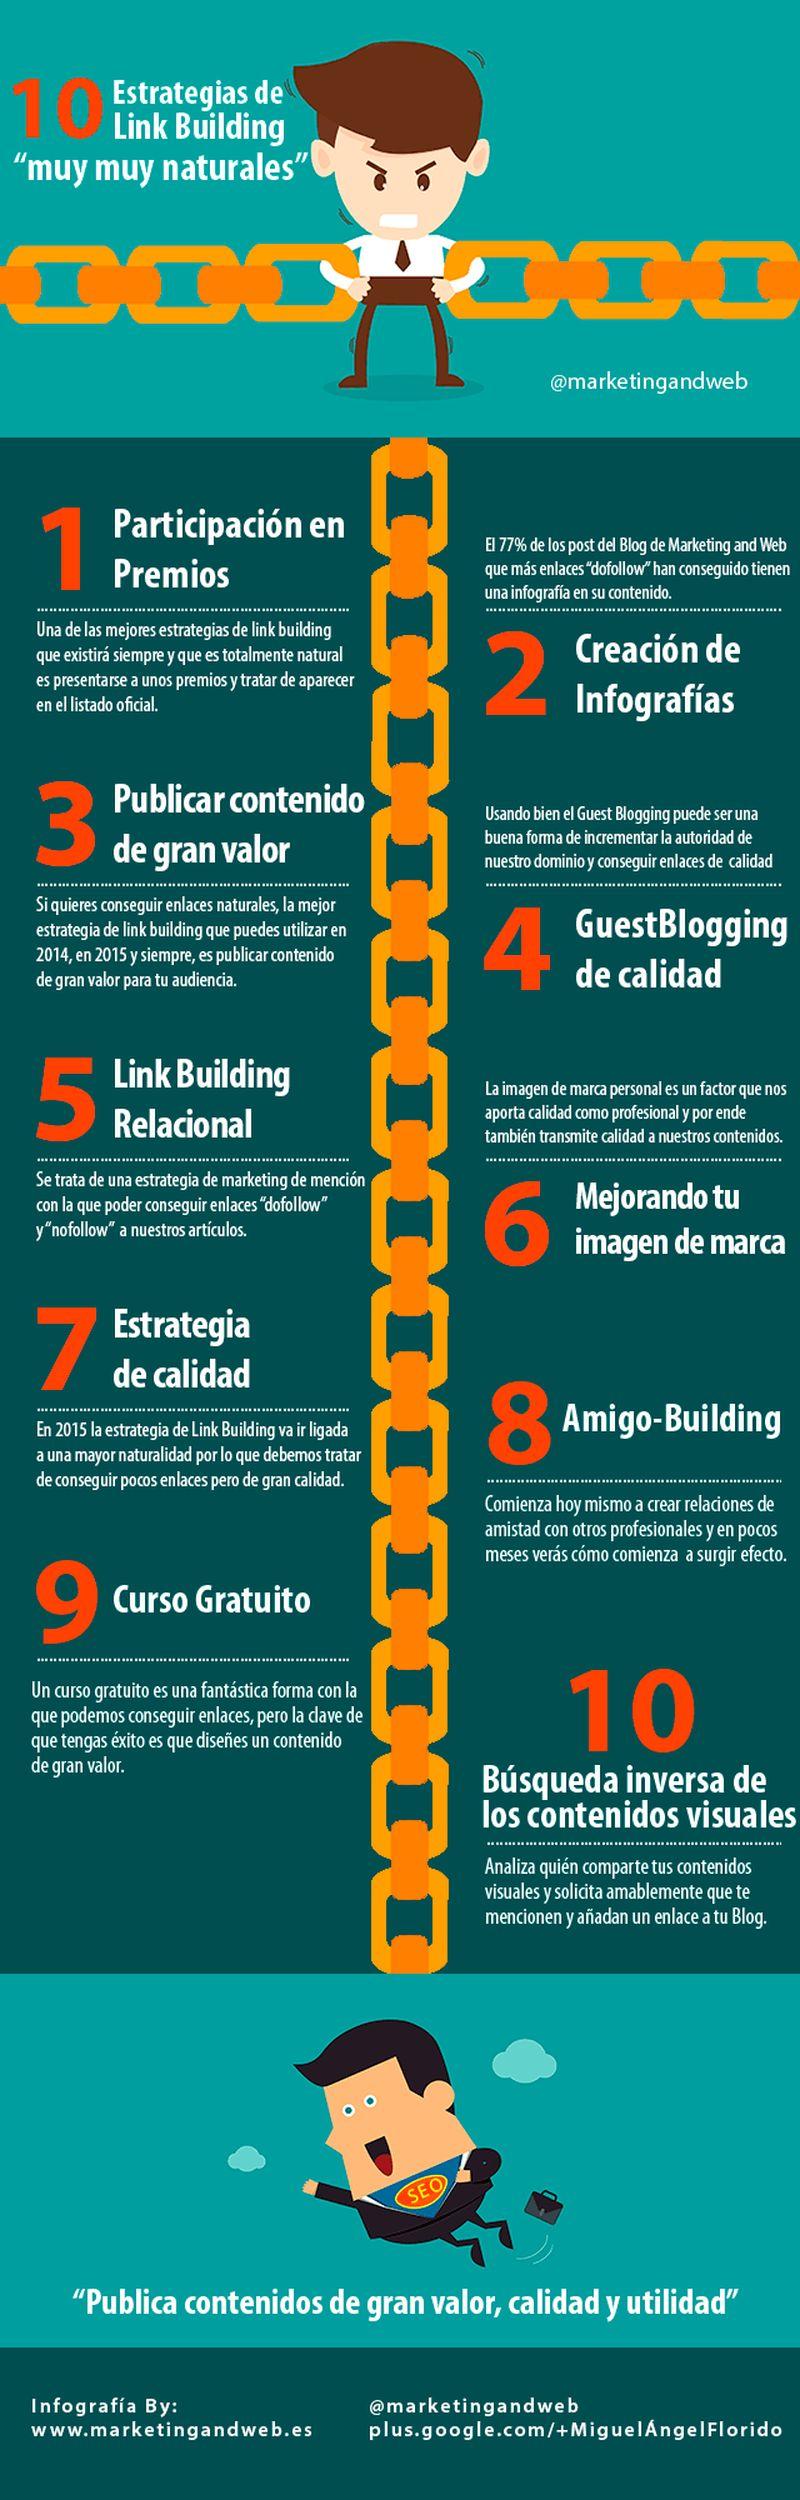 10 estrategias naturales para Link Building (infografía)